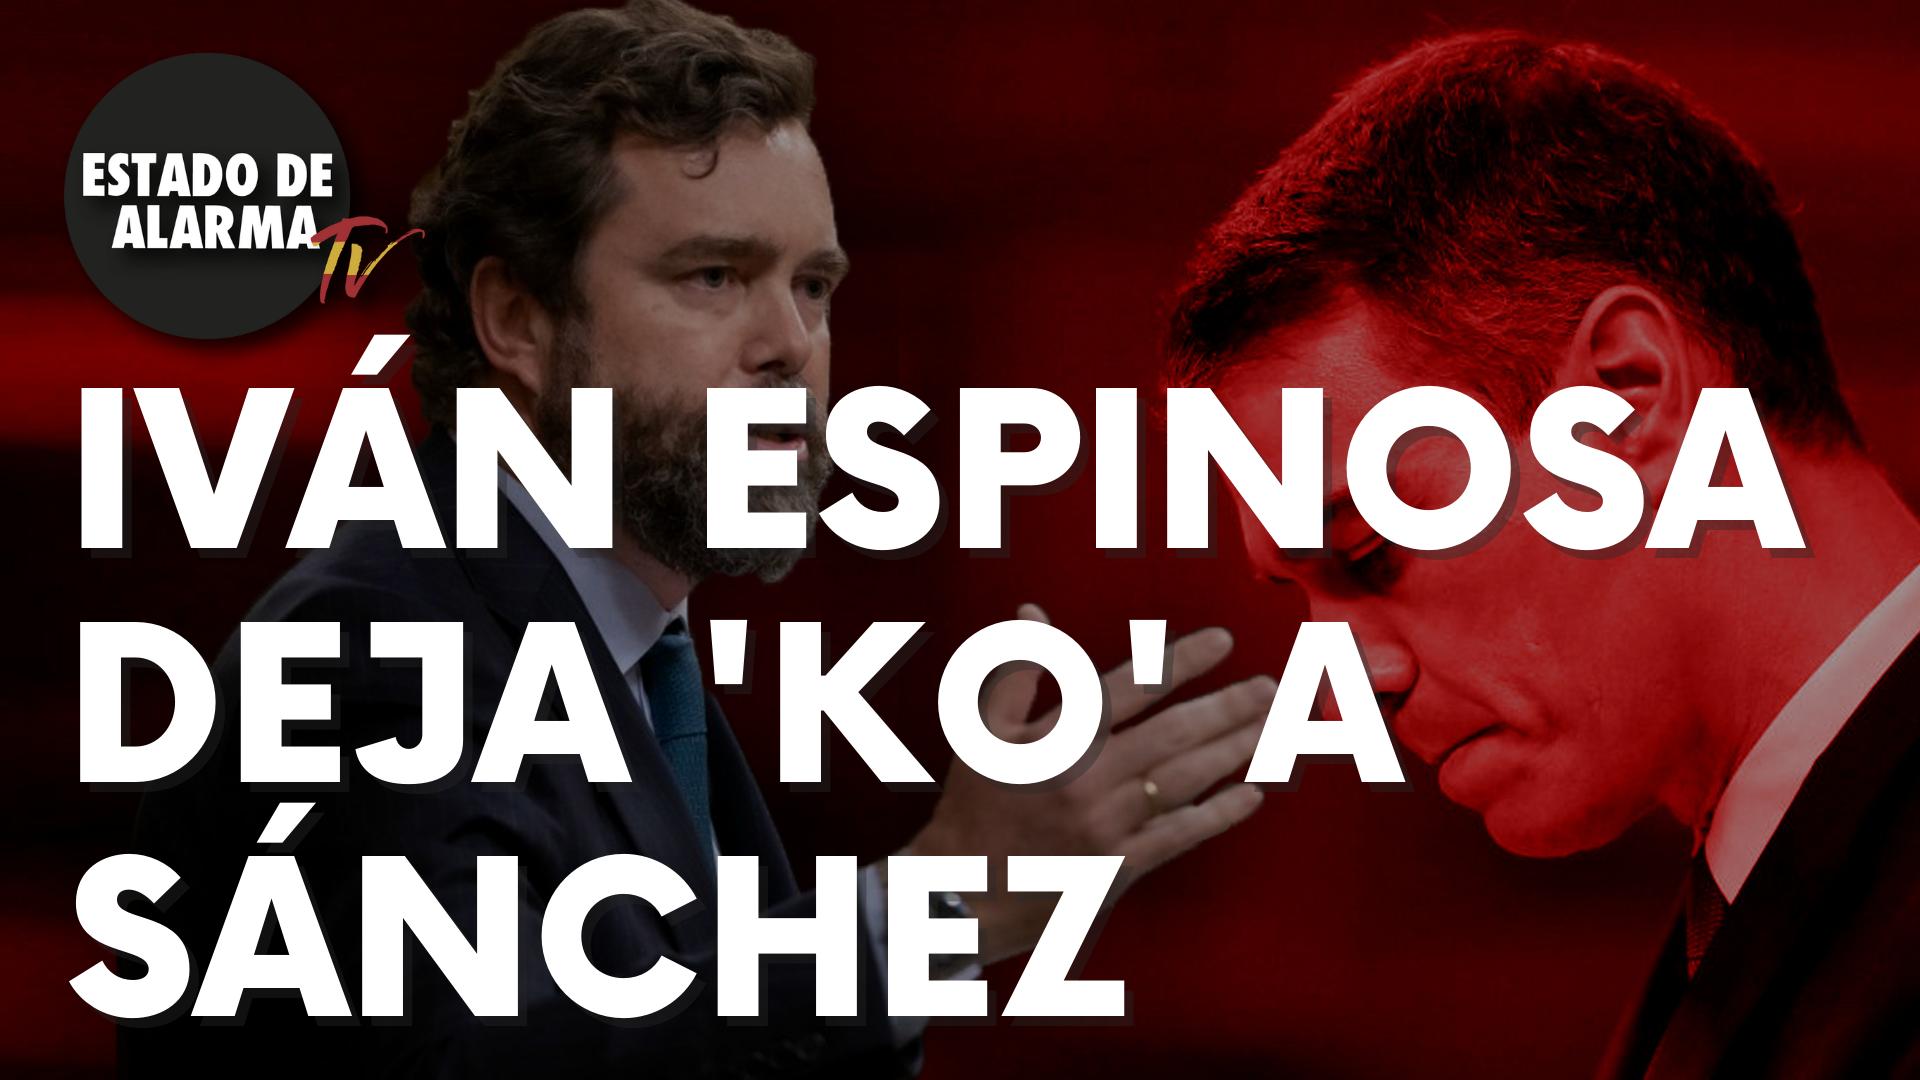 Iván Espinosa deja 'KO' a Sánchez por blanquear a Bildu